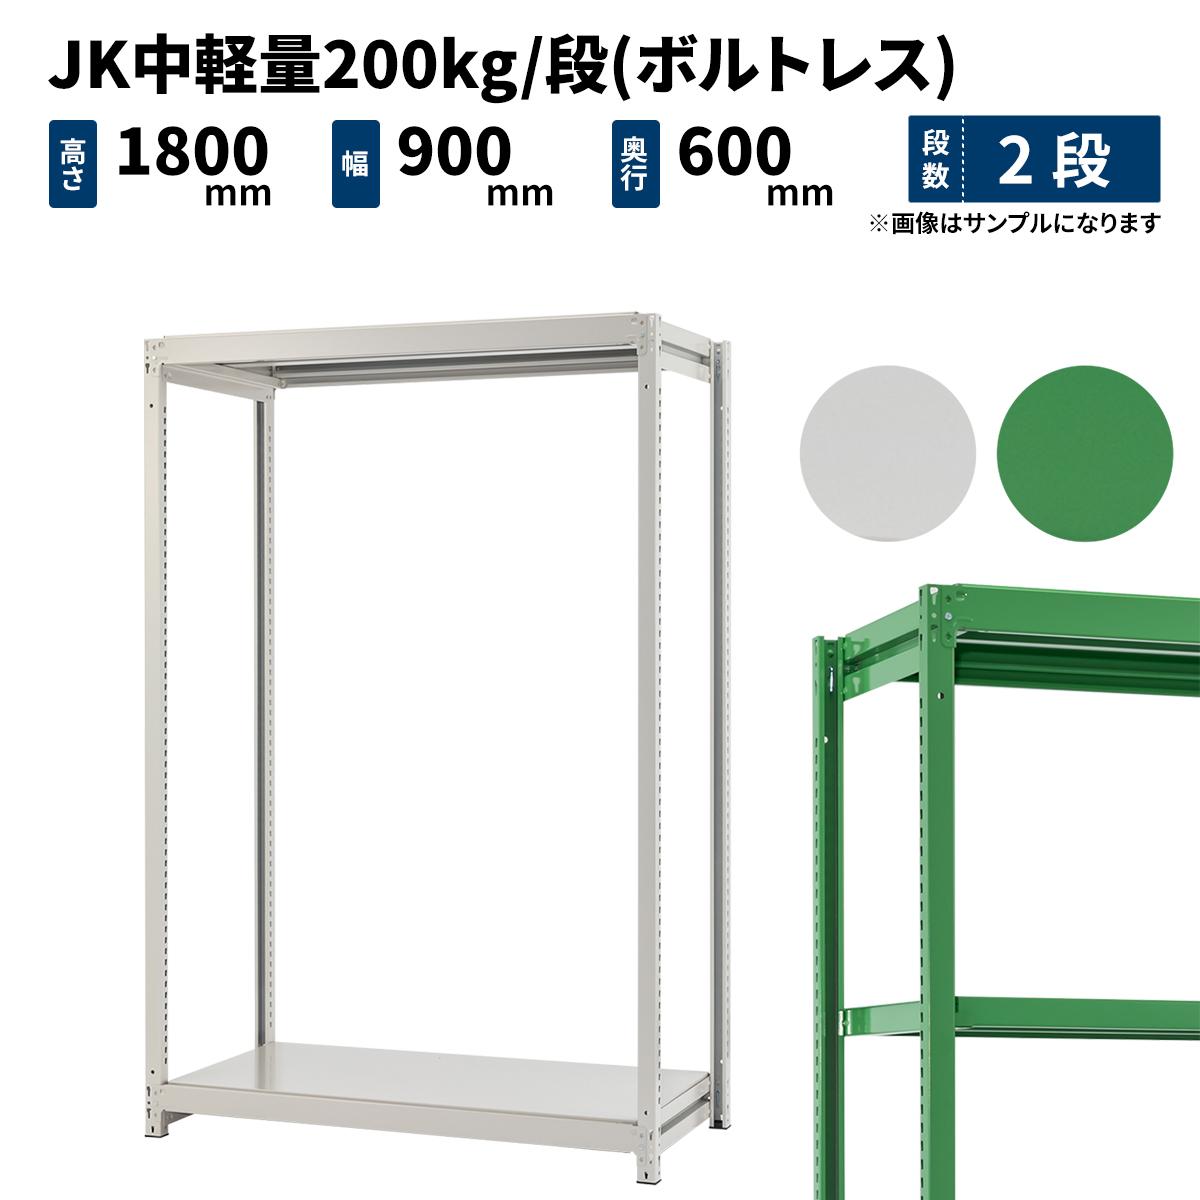 スチールラック 業務用 JK中軽量200kg/段(ボルトレス) 単体形式 高さ1800×幅900×奥行600mm 2段 ホワイトグレー/グリーン (29kg) JK200_T-180906-2